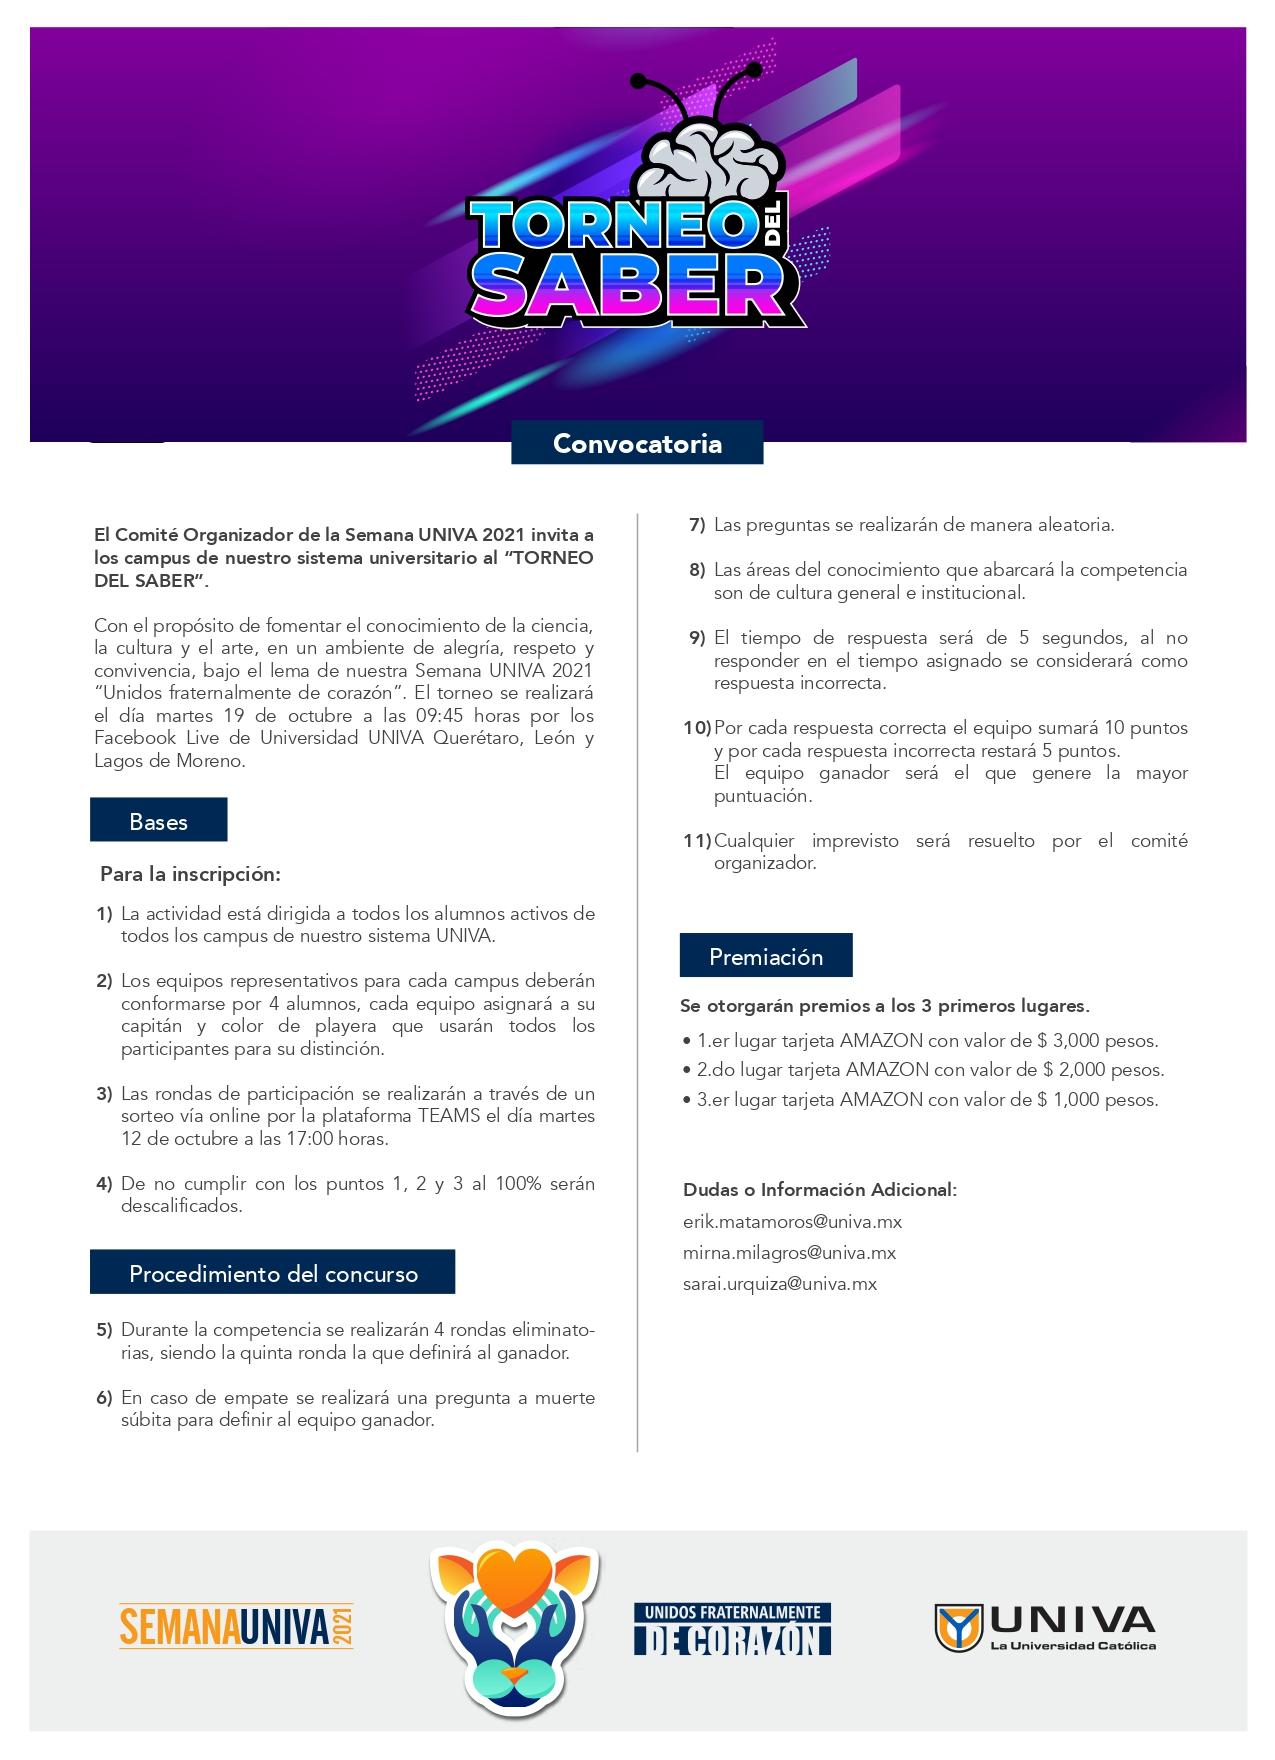 Convocatoria: Torneo del Saber / Semana UNIVA 2021